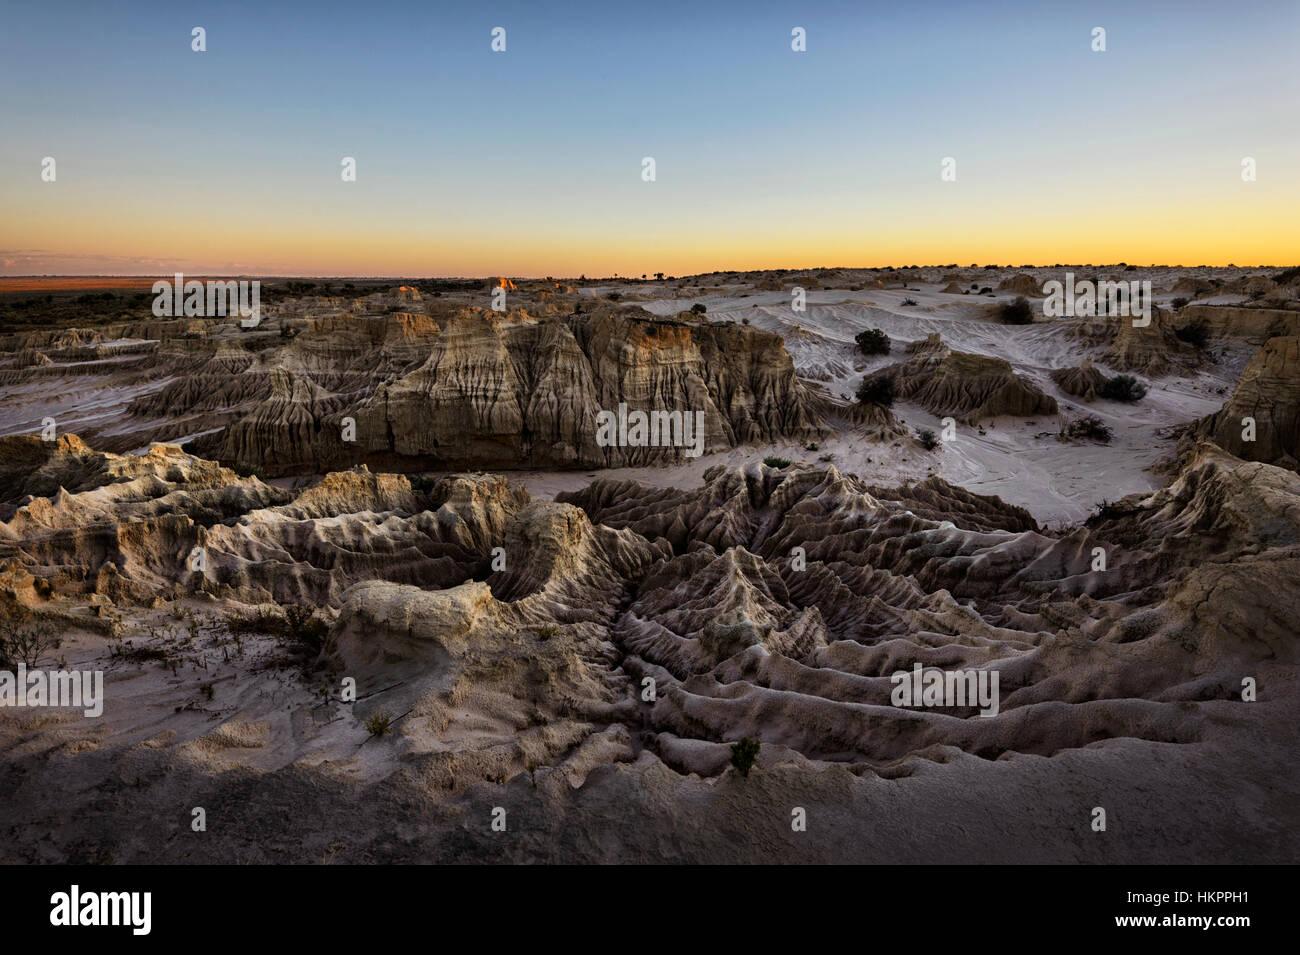 Tramonto spettacolare eroso le formazioni rocciose della lunetta, Mungo National Park, New South Wales, Australia Immagini Stock